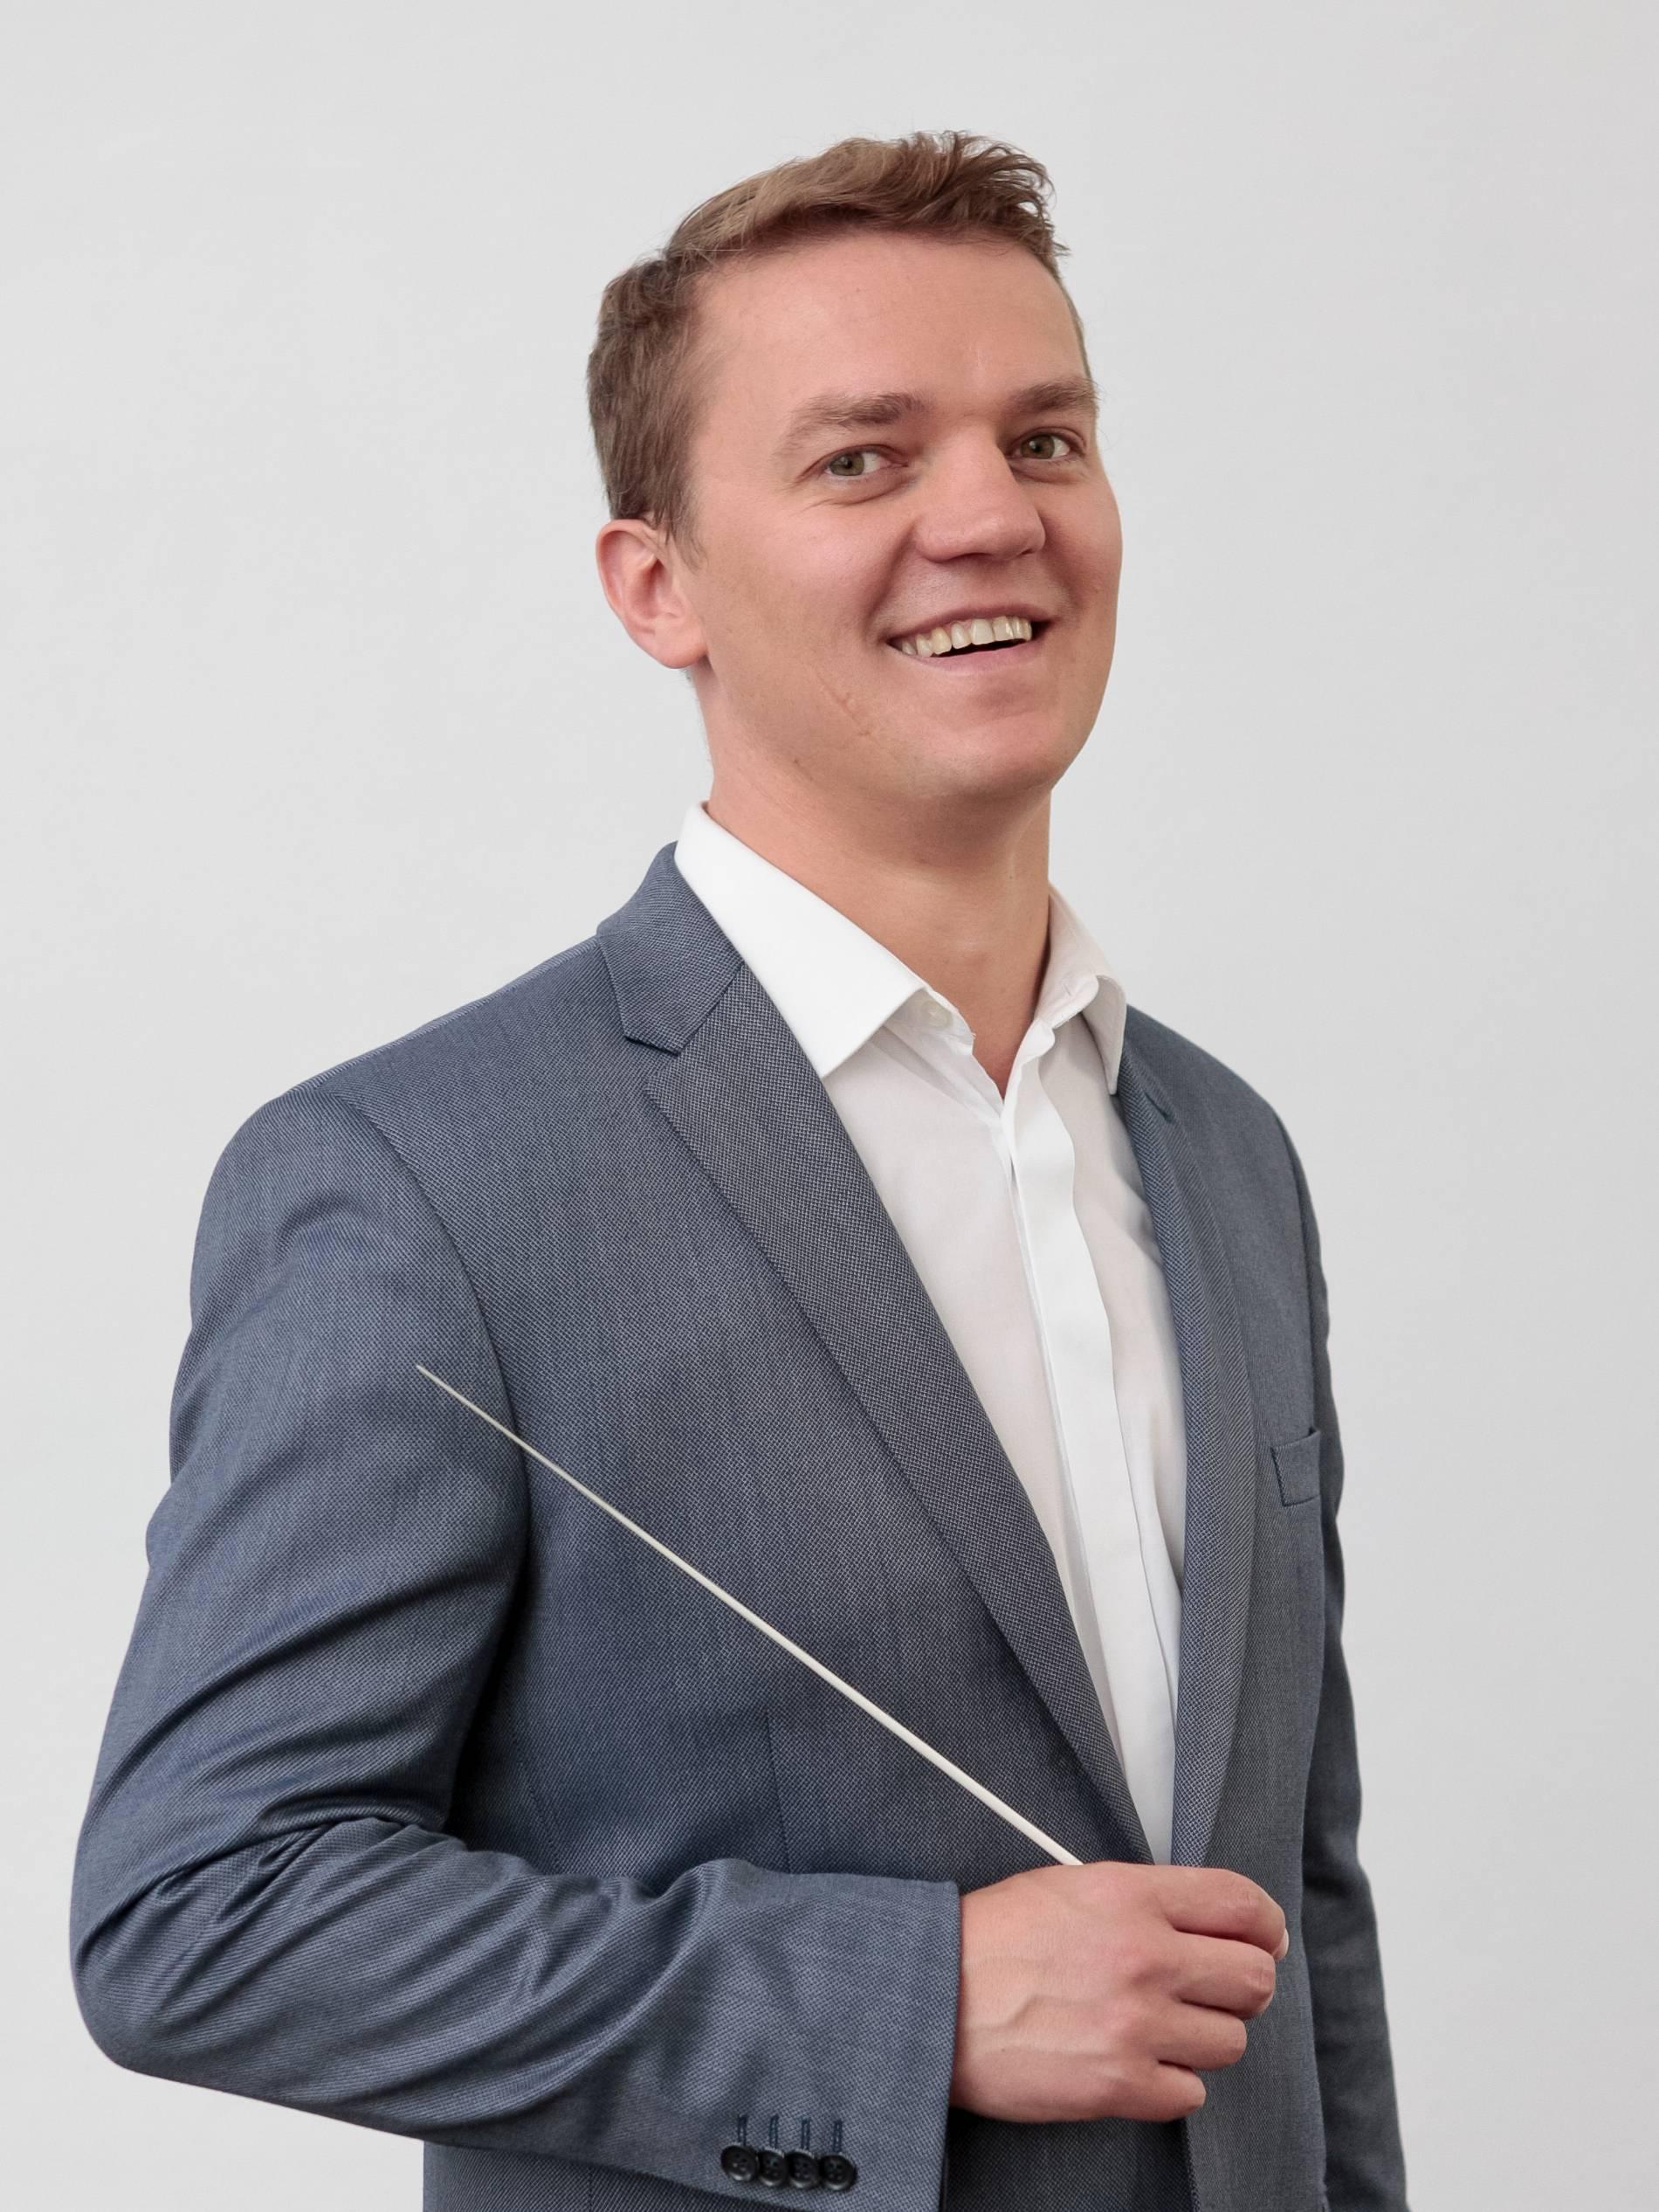 Tomasz Labuń